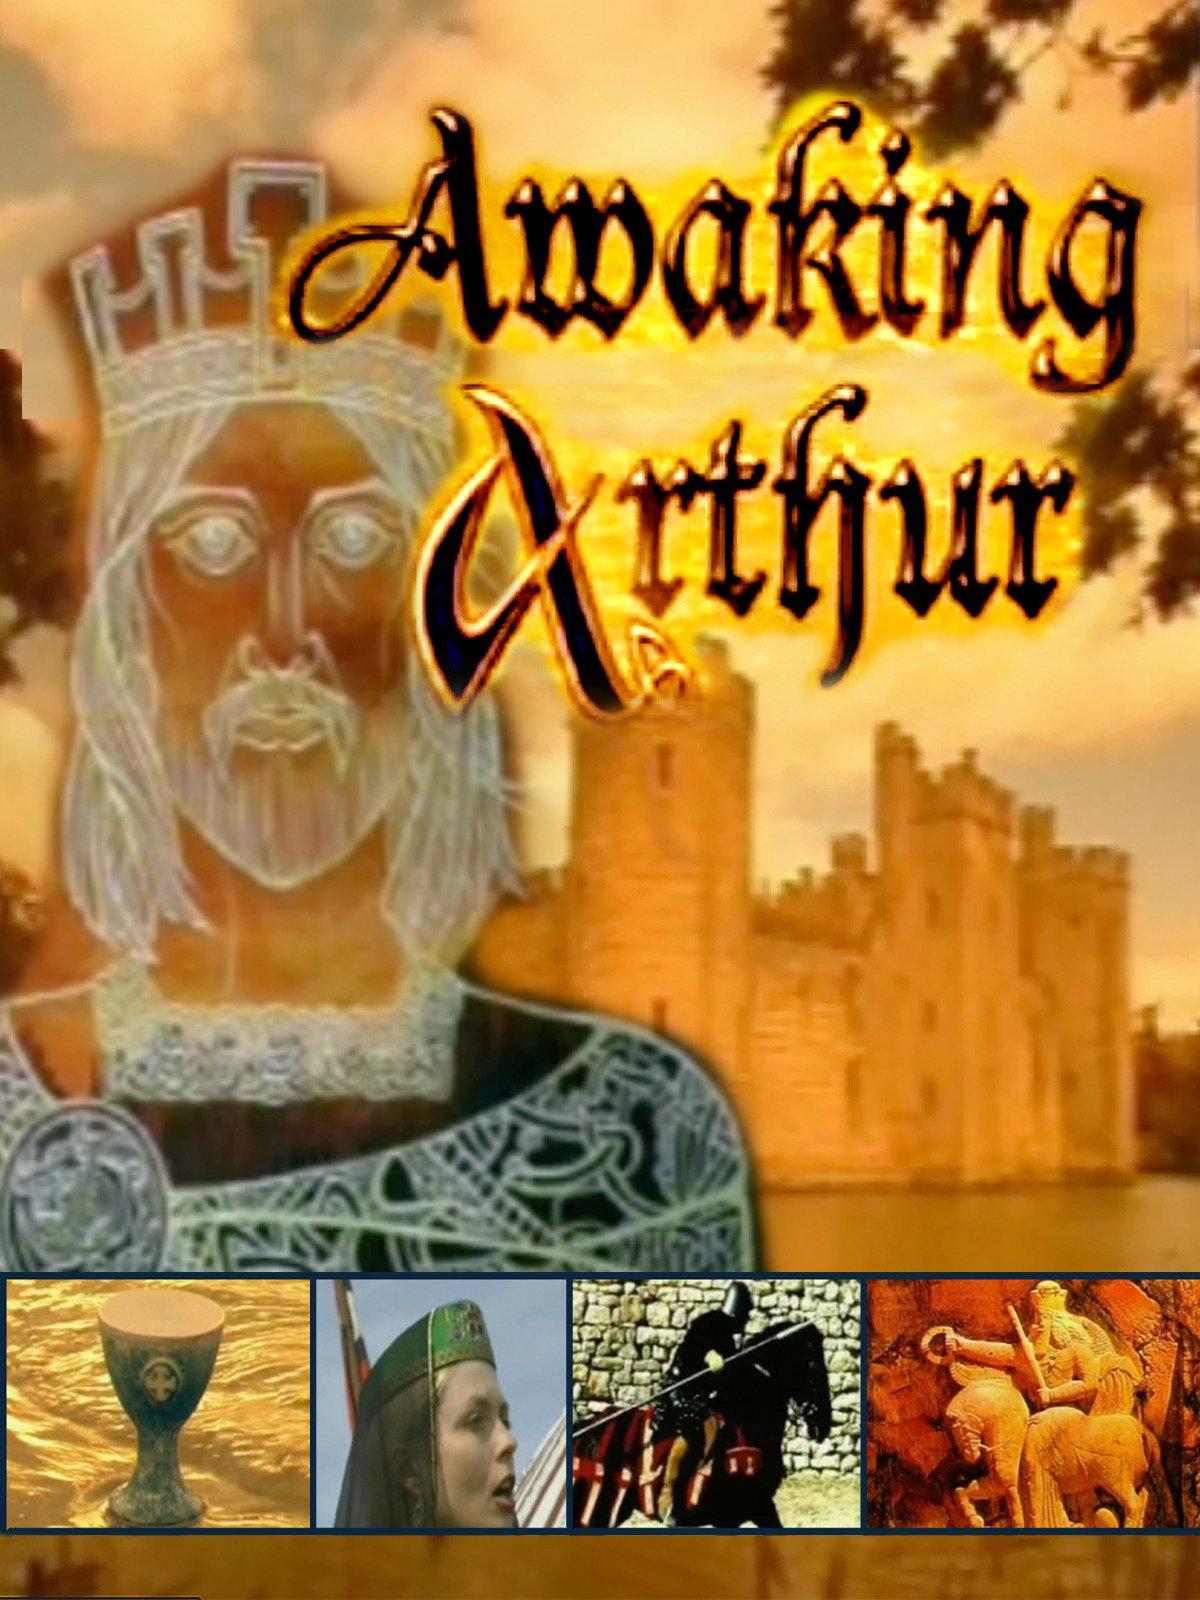 Awaking Arthur